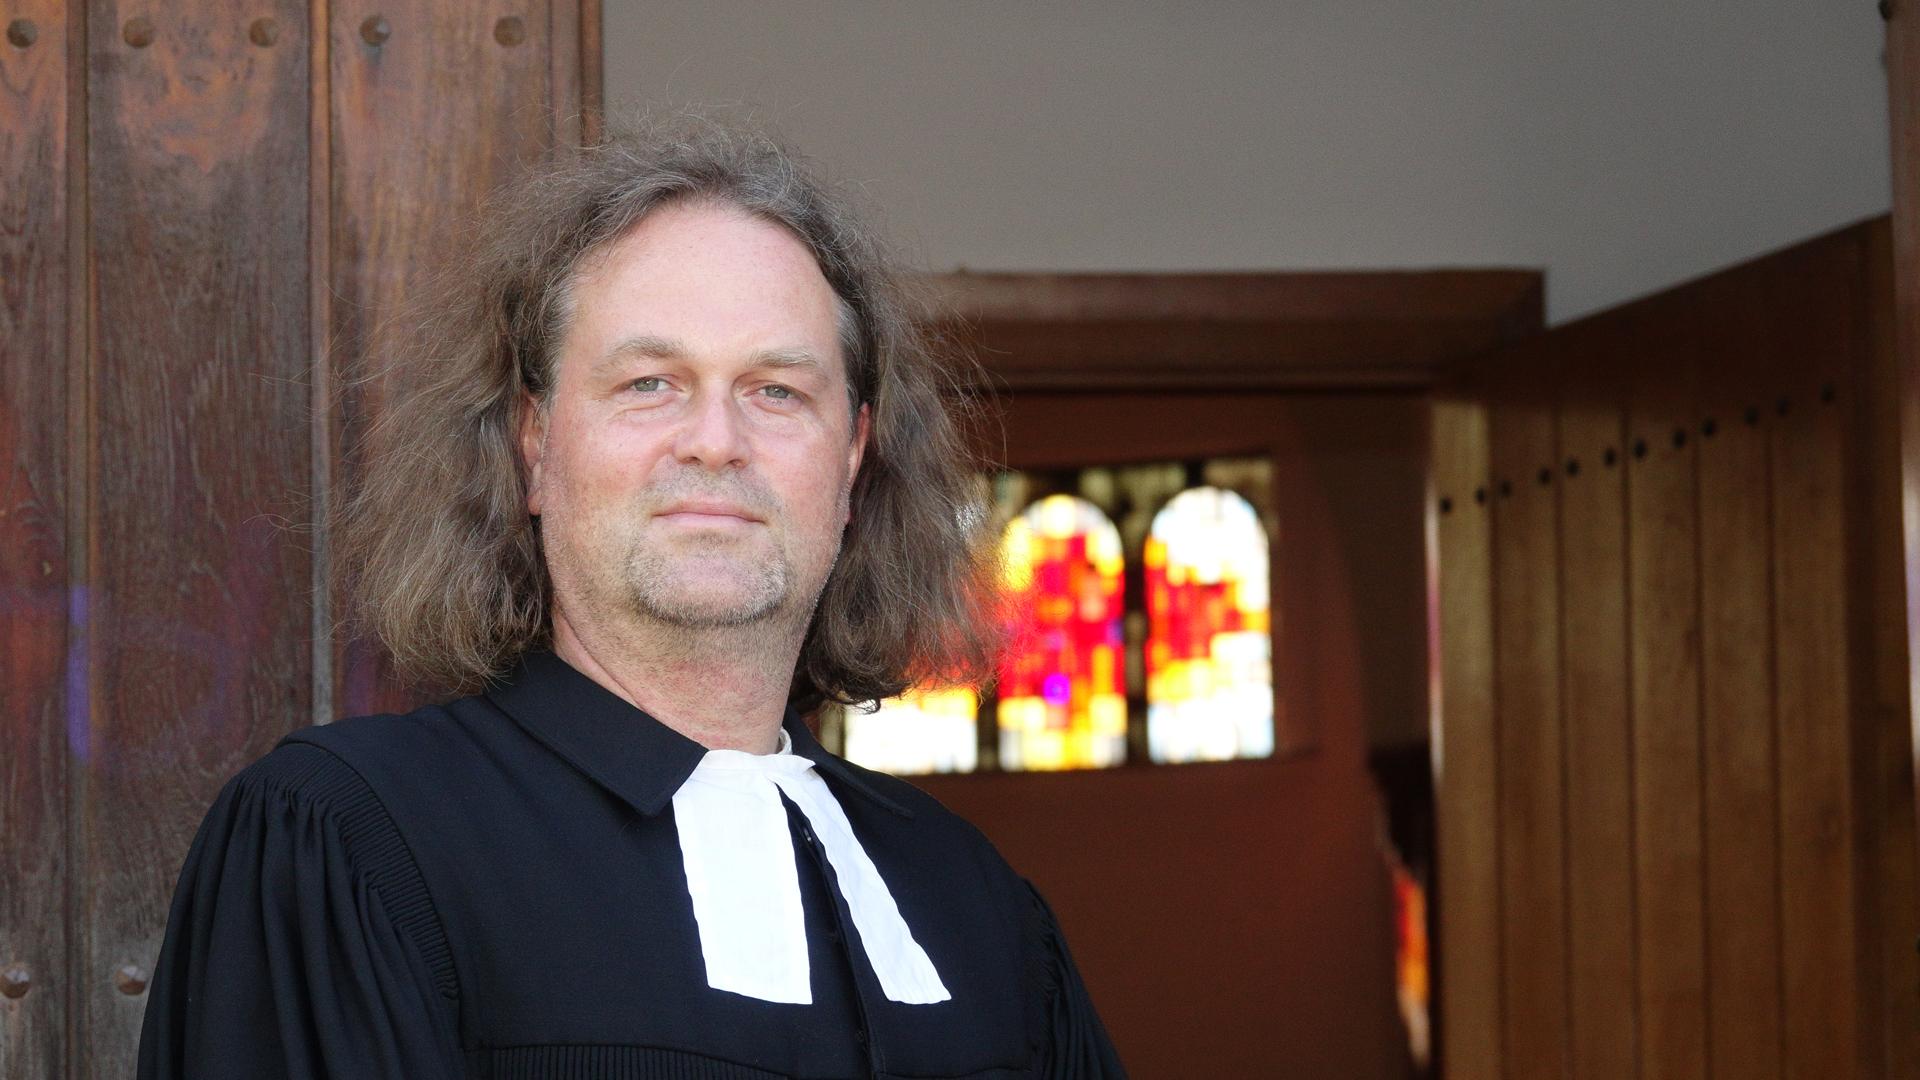 Johannes Höpfner, 46 Jahre, ist seit Dezember 2013 Gemeindepastor der Evangelisch-Lutherischen Kirchengemeinde Niendorf. Höpfner stammt aus der ehemaligen DDR und ist in vierter Generation Pfarrer.